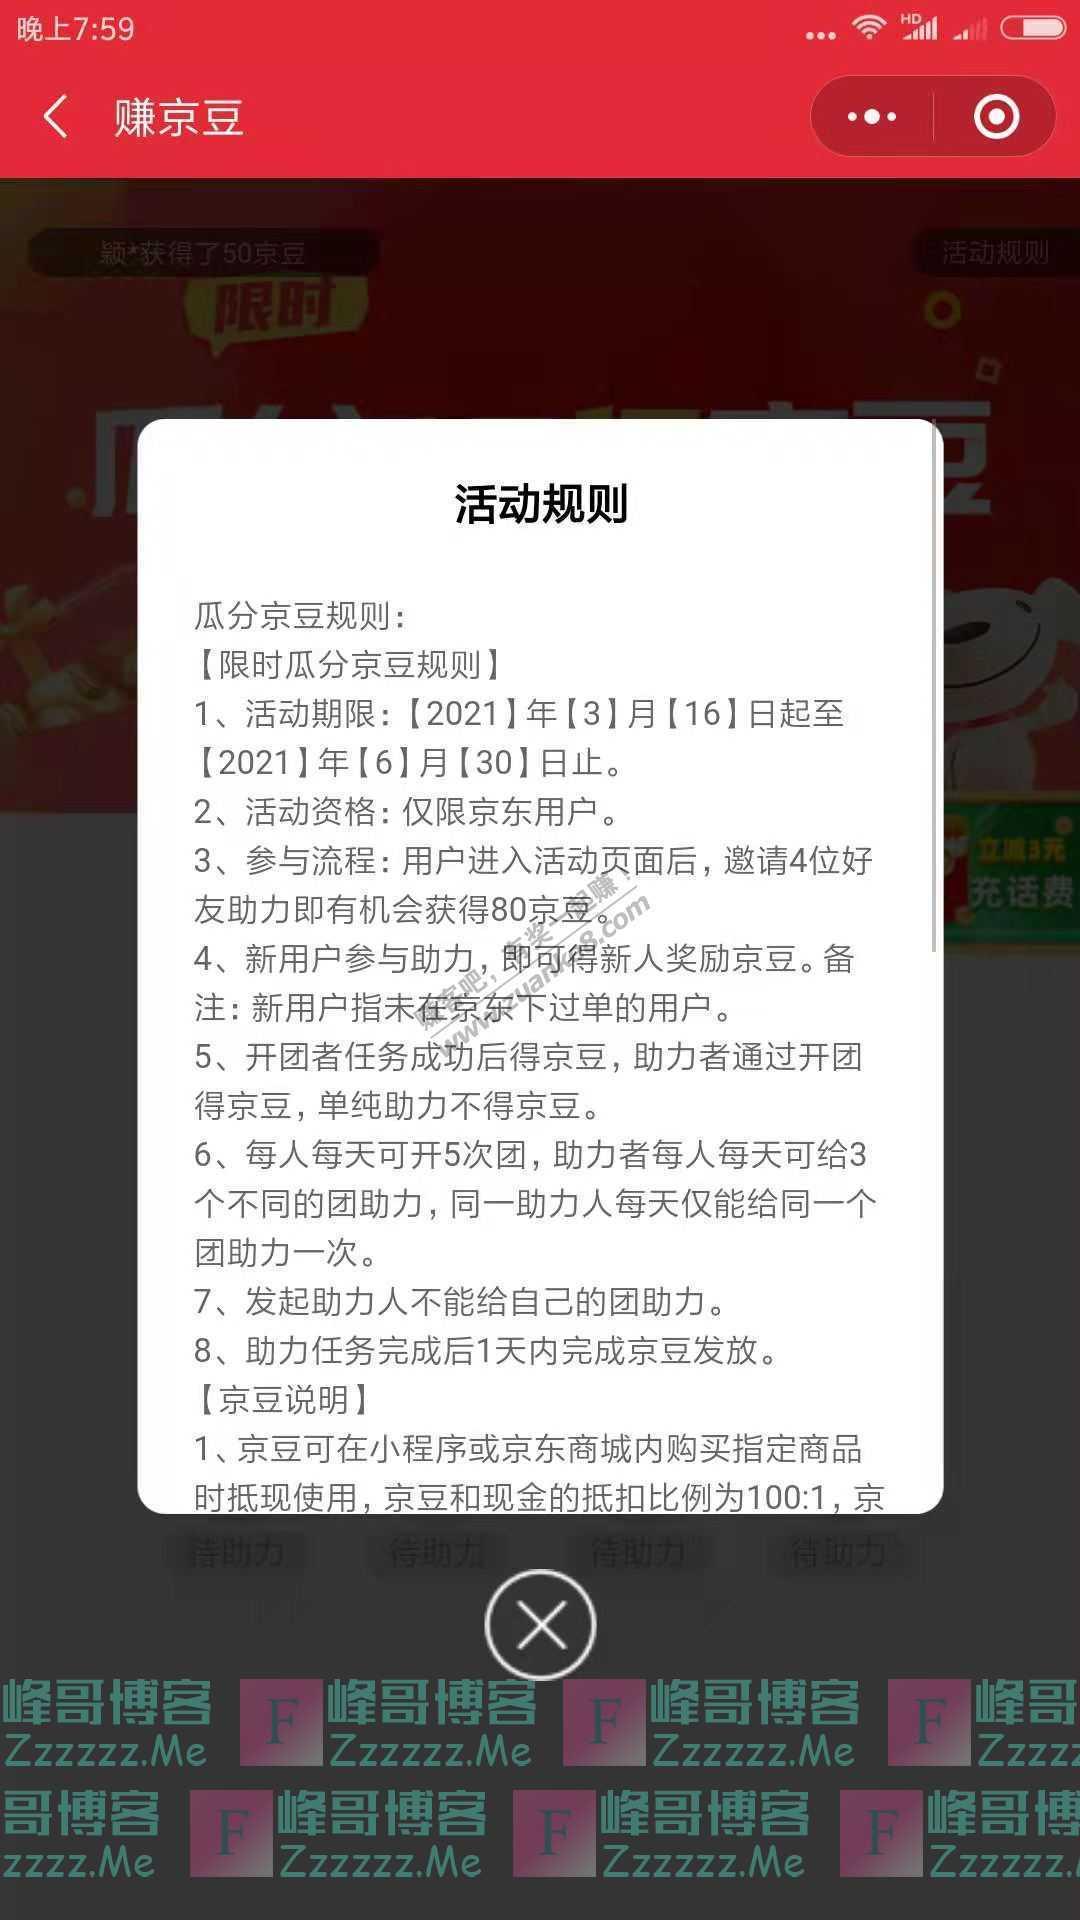 赚京豆瓜分10亿京豆(截止6月30日)